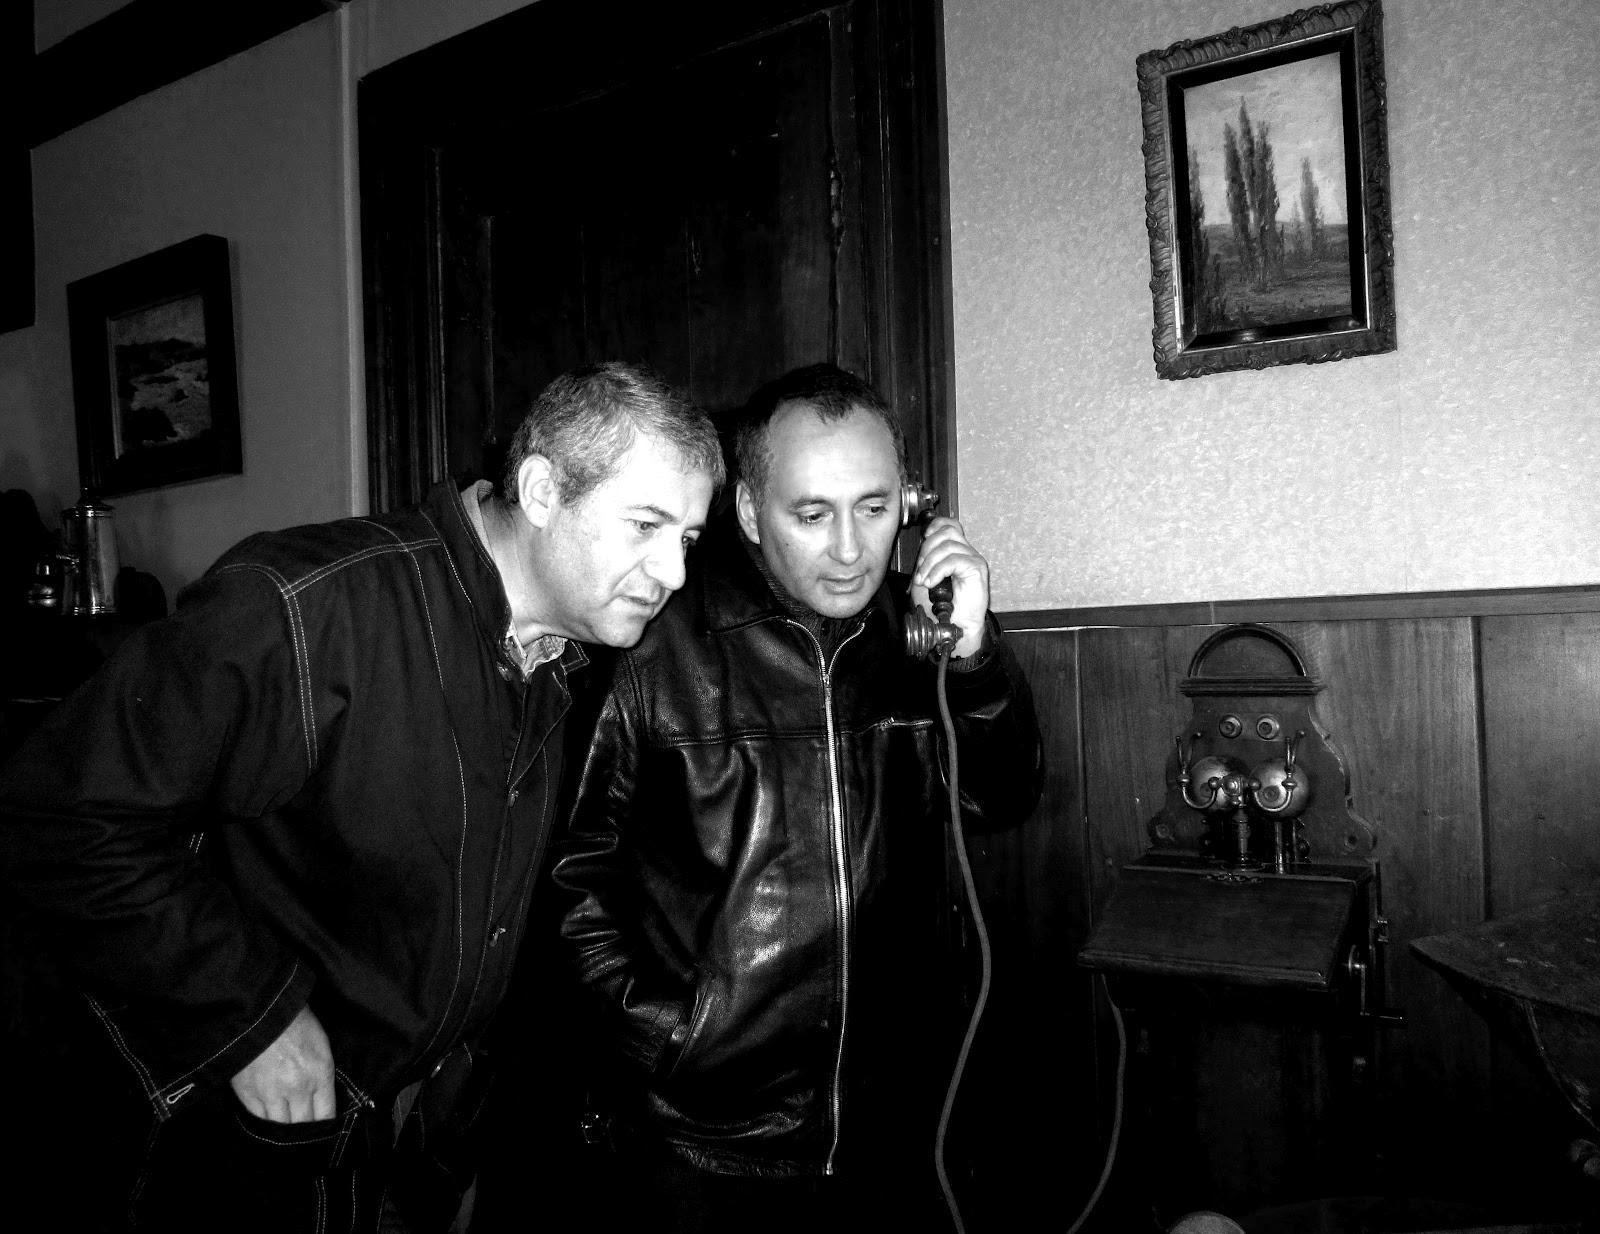 https://i2.wp.com/2.bp.blogspot.com/-WfM1OWJ3d9U/UAzJJ3c7S_I/AAAAAAAAFuU/wM8iQKLsI3w/s1600/Manuel+Solar+y+Adolfo+Vasquez+Rocca+PH.D._+Los+Angeles+2012+_El+Telefono+de+Hitler.jpeg